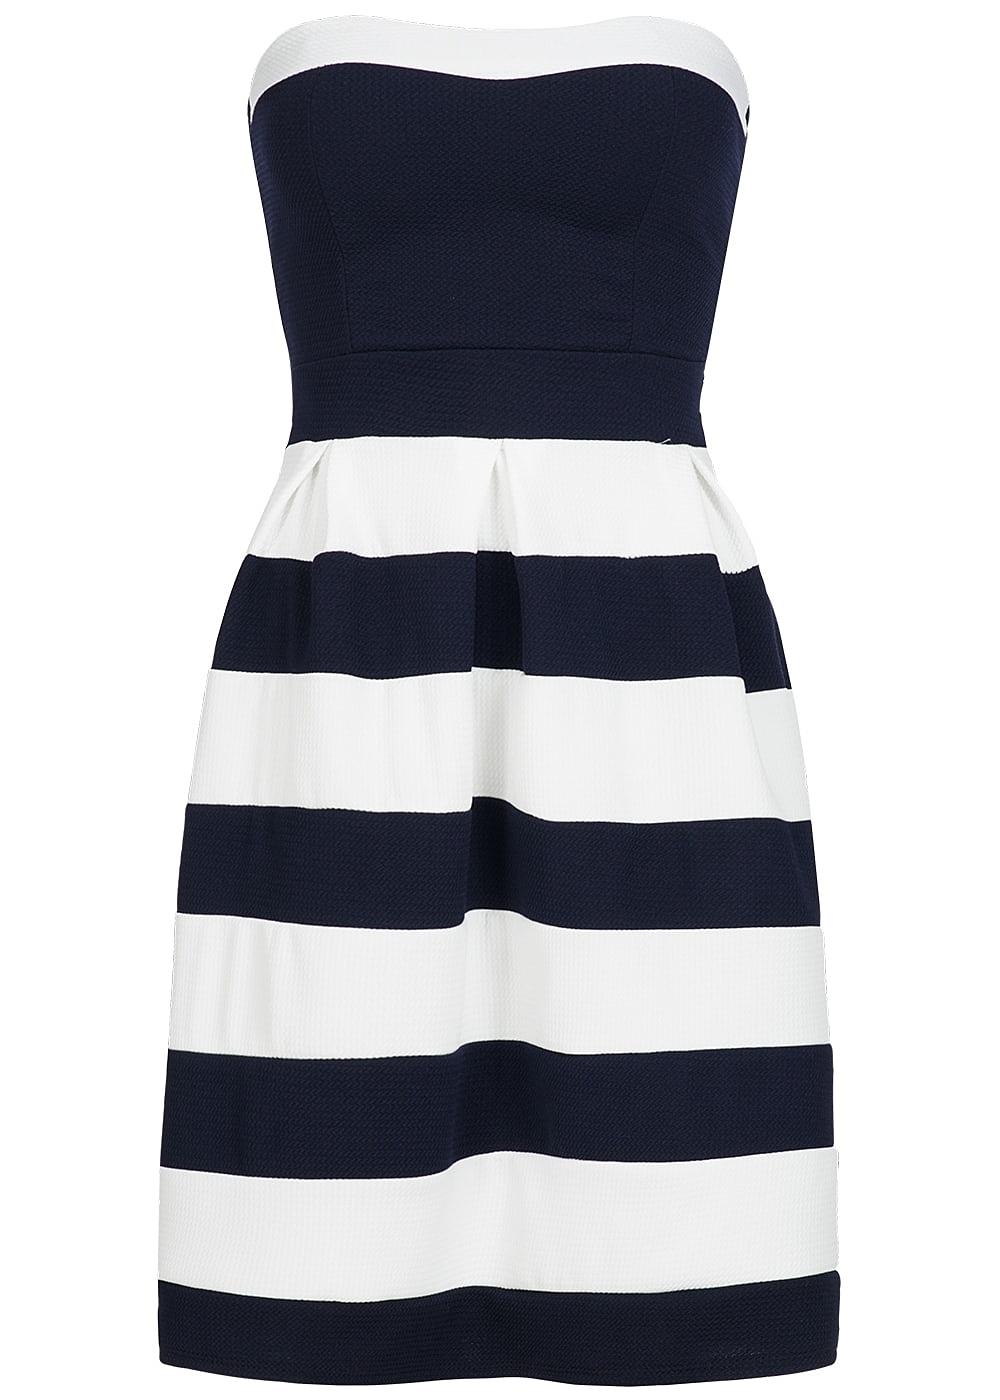 Styleboom Fashion Damen Mini Bandeau Kleid gestreift Brustpads navy blau  weiss 62b65bfc8a